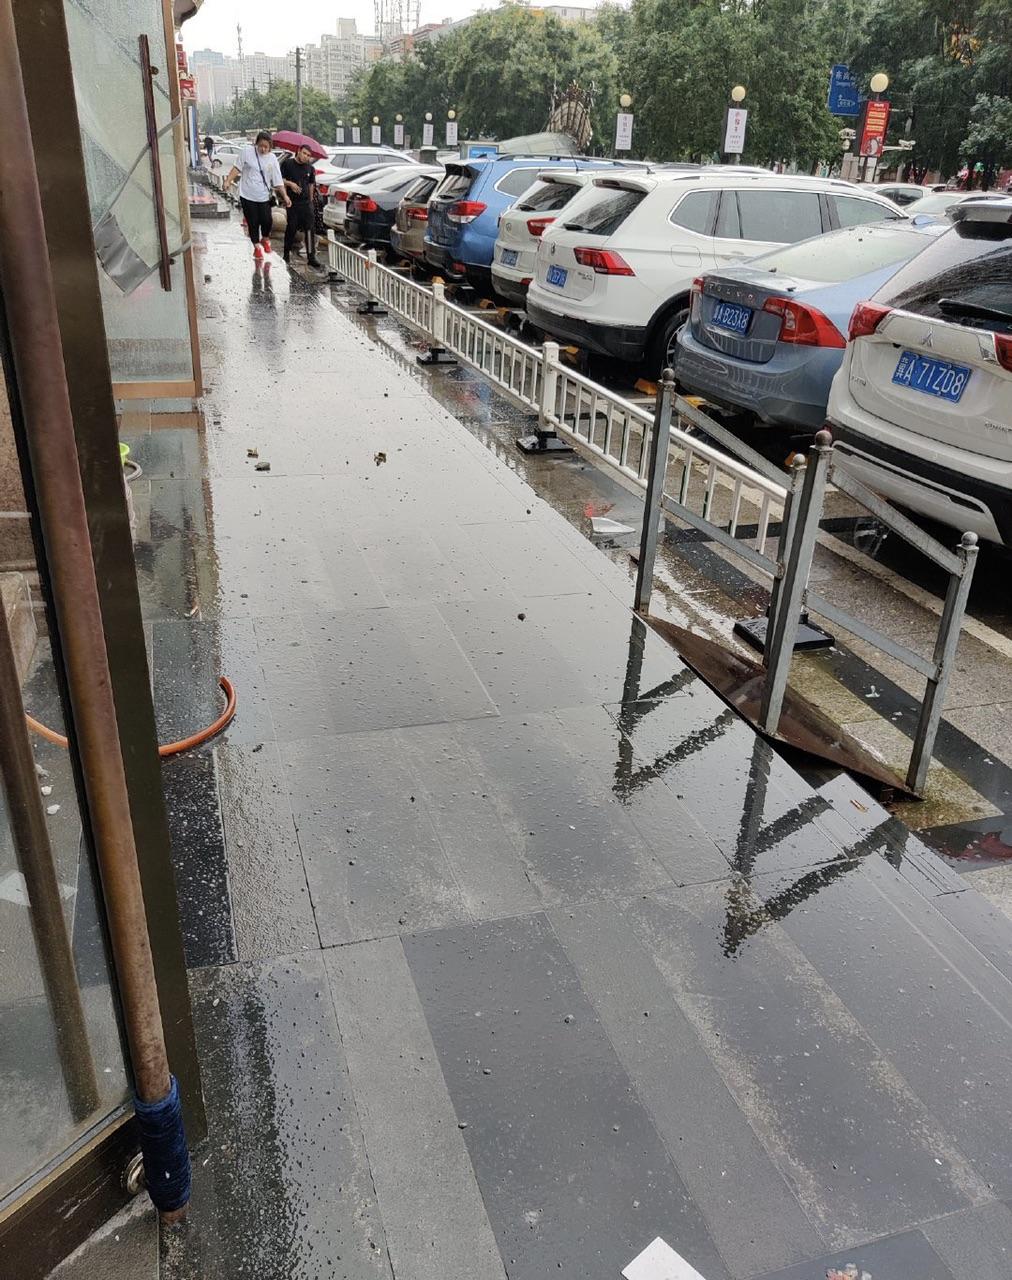 雨天,请注意高楼坠物